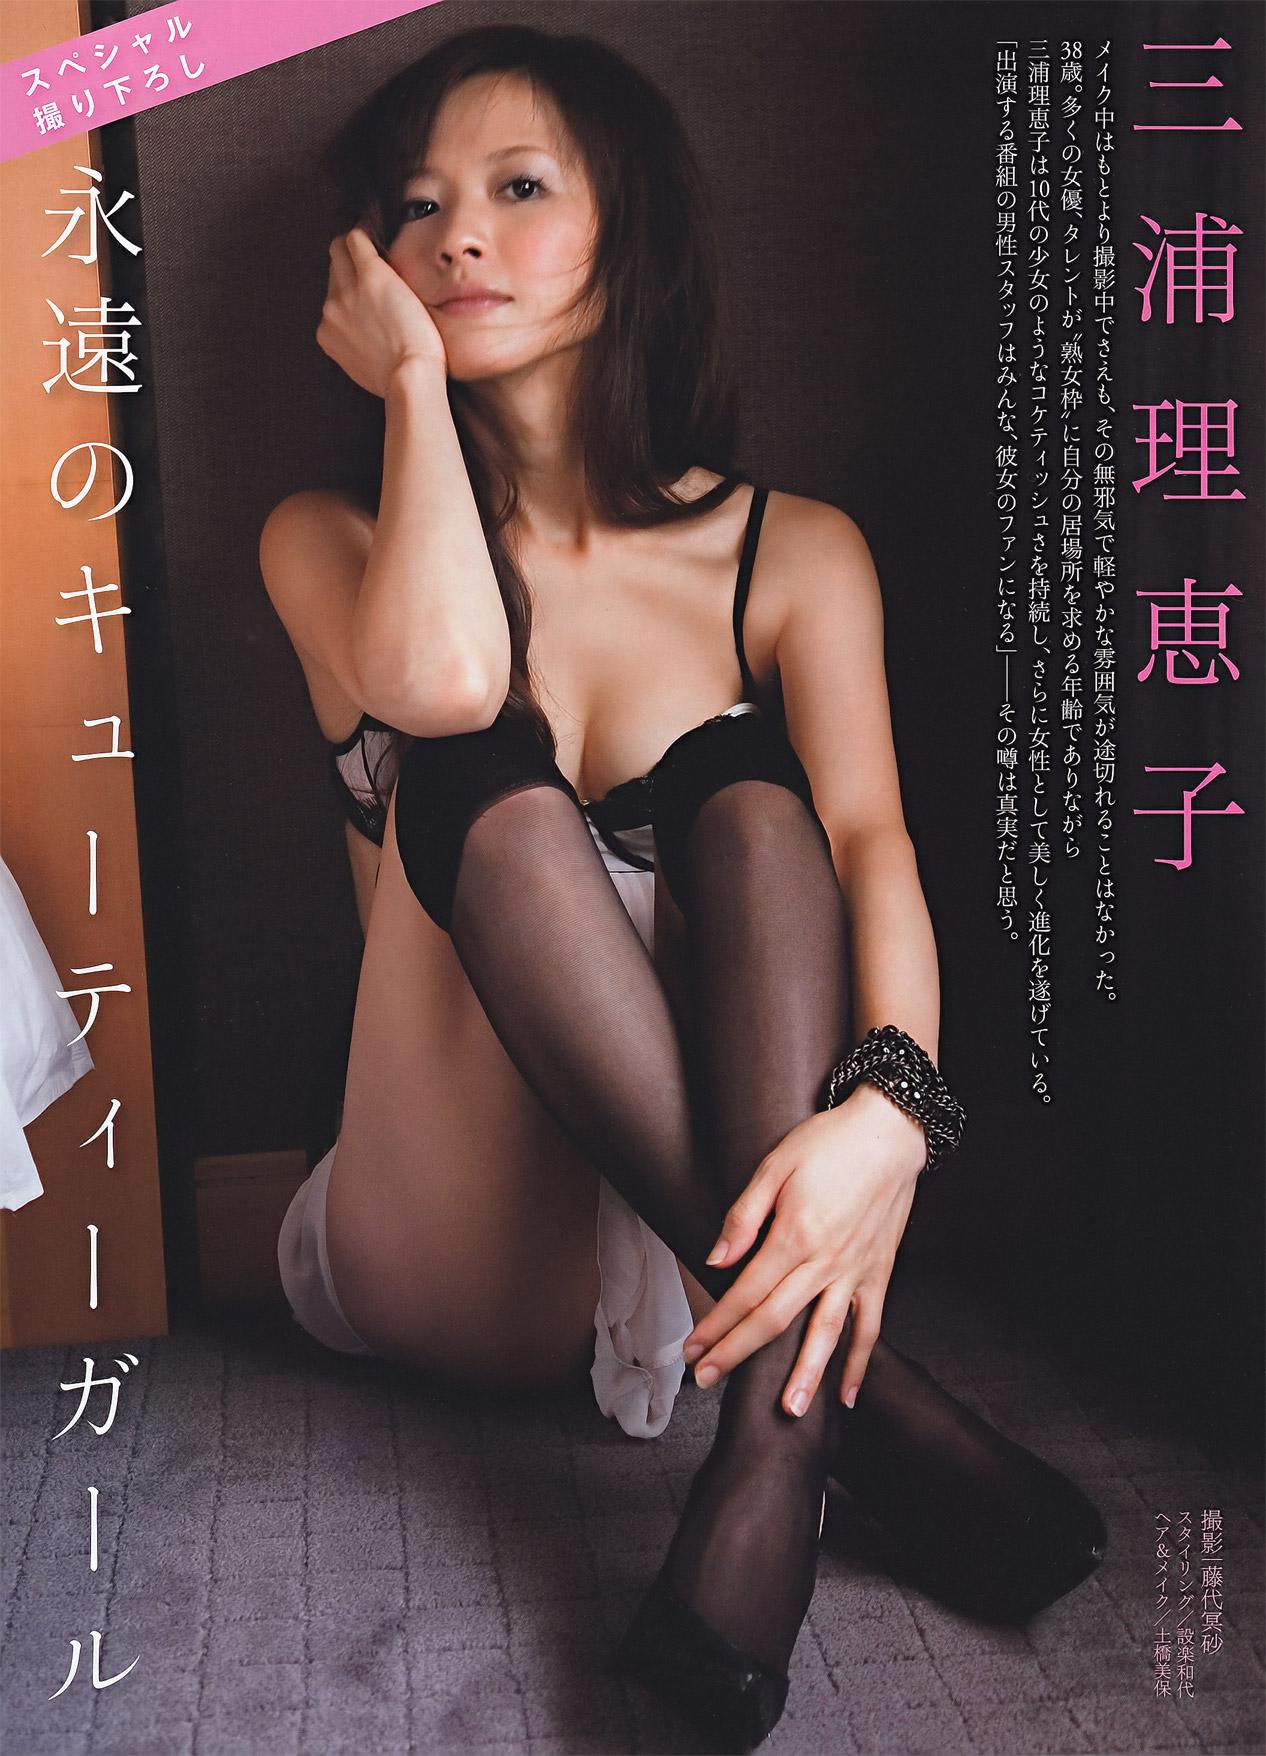 【三浦理恵子アイコラヌード】おっぱい丸見え!こんなエロくて美人なBBAならマジ抱きたいよなwwwww女優・芸能人お宝画像★・5枚目の画像